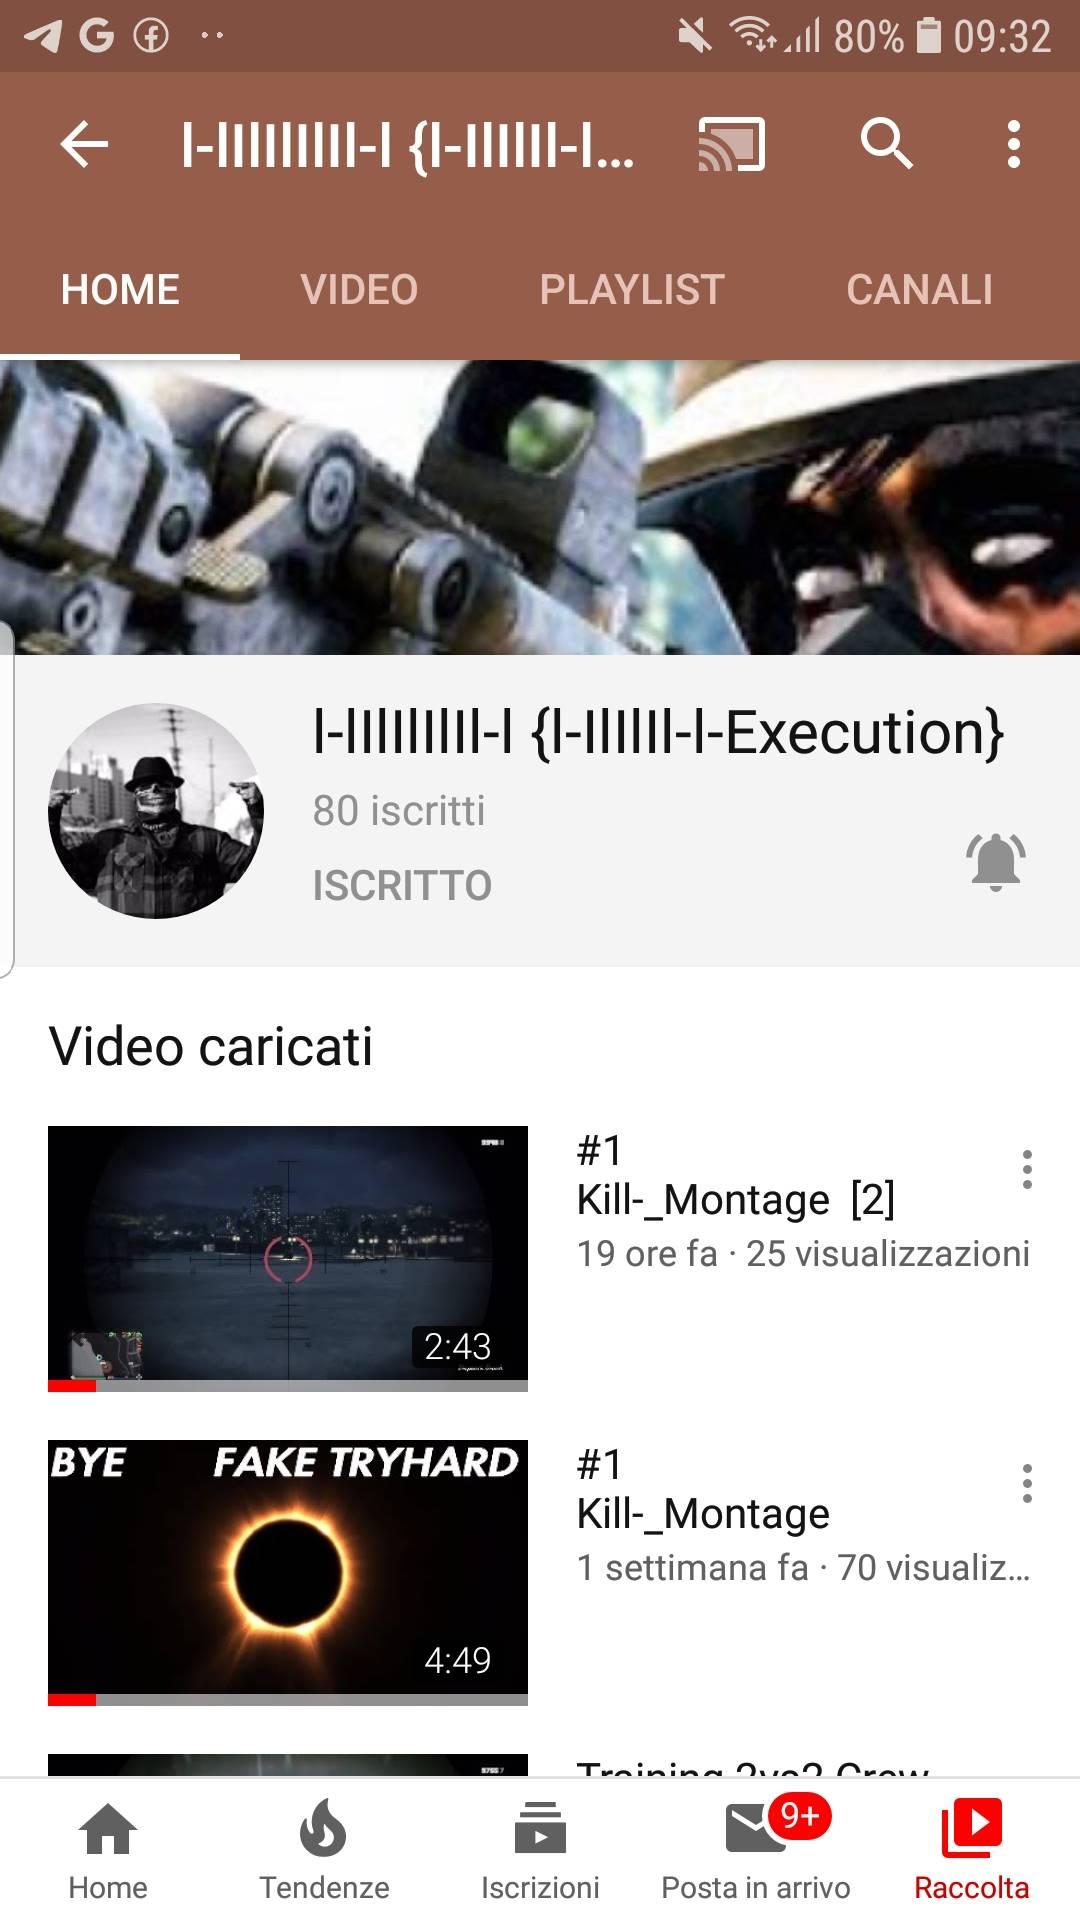 I-IIIIIIIII-I {I-IIIIII-I-Execution}